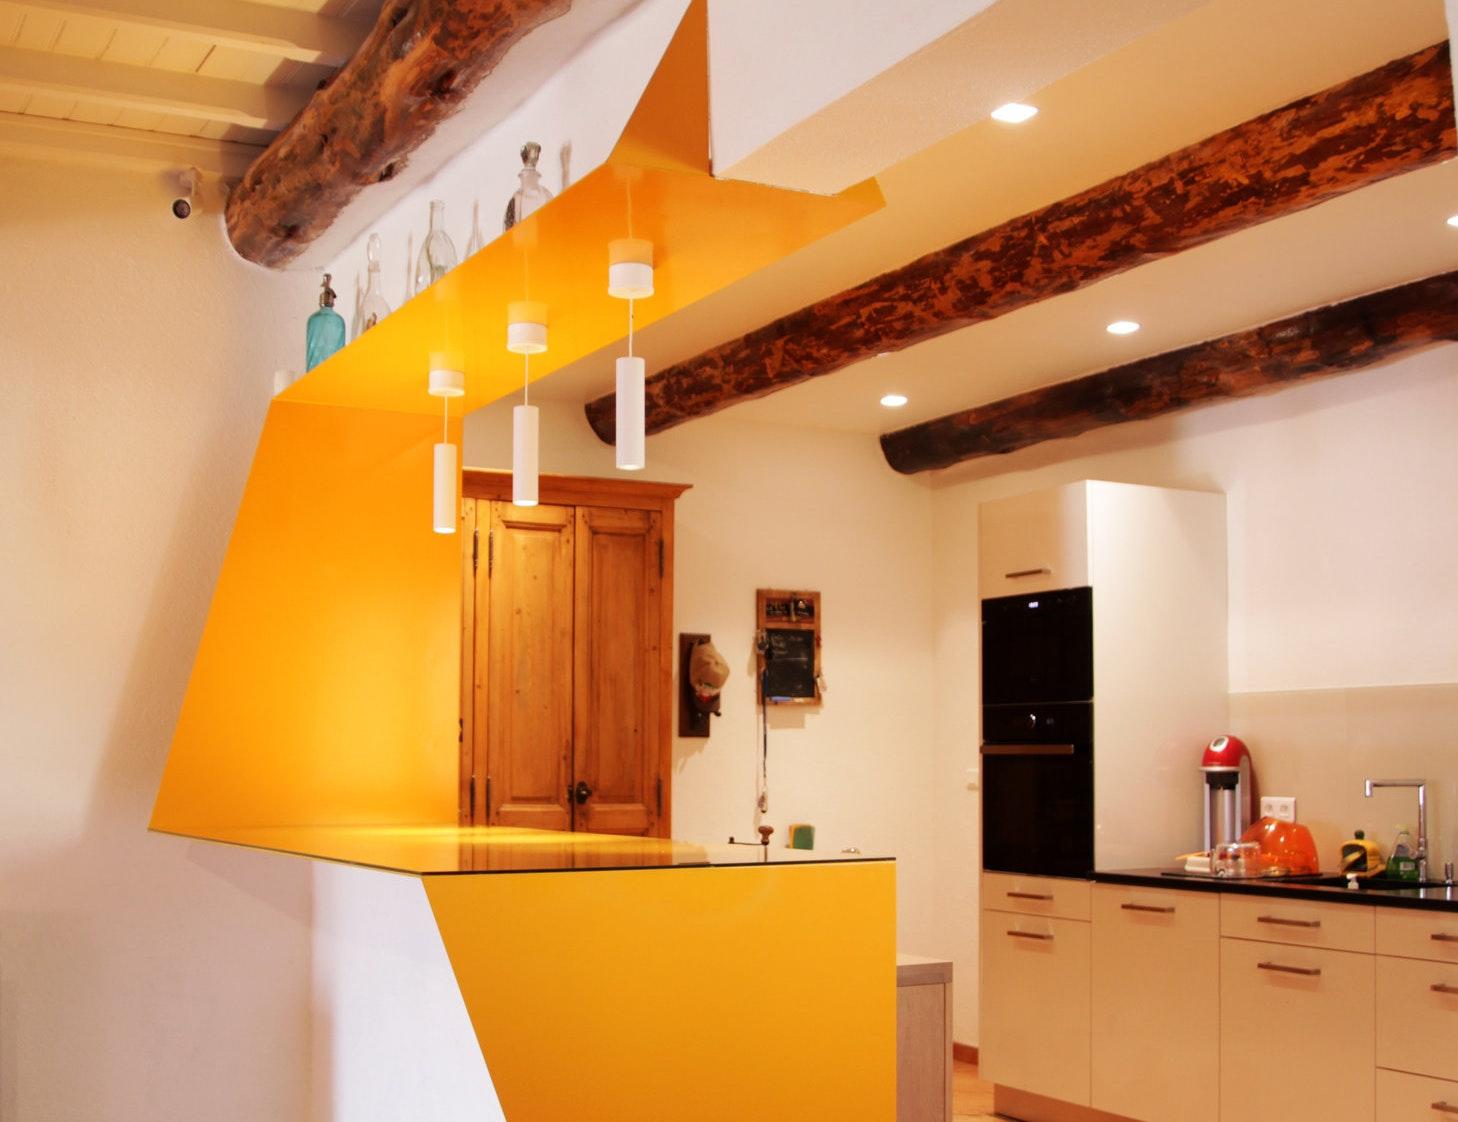 photo Rénovation d'un appartement de 100m2 Ateliers kumQuat